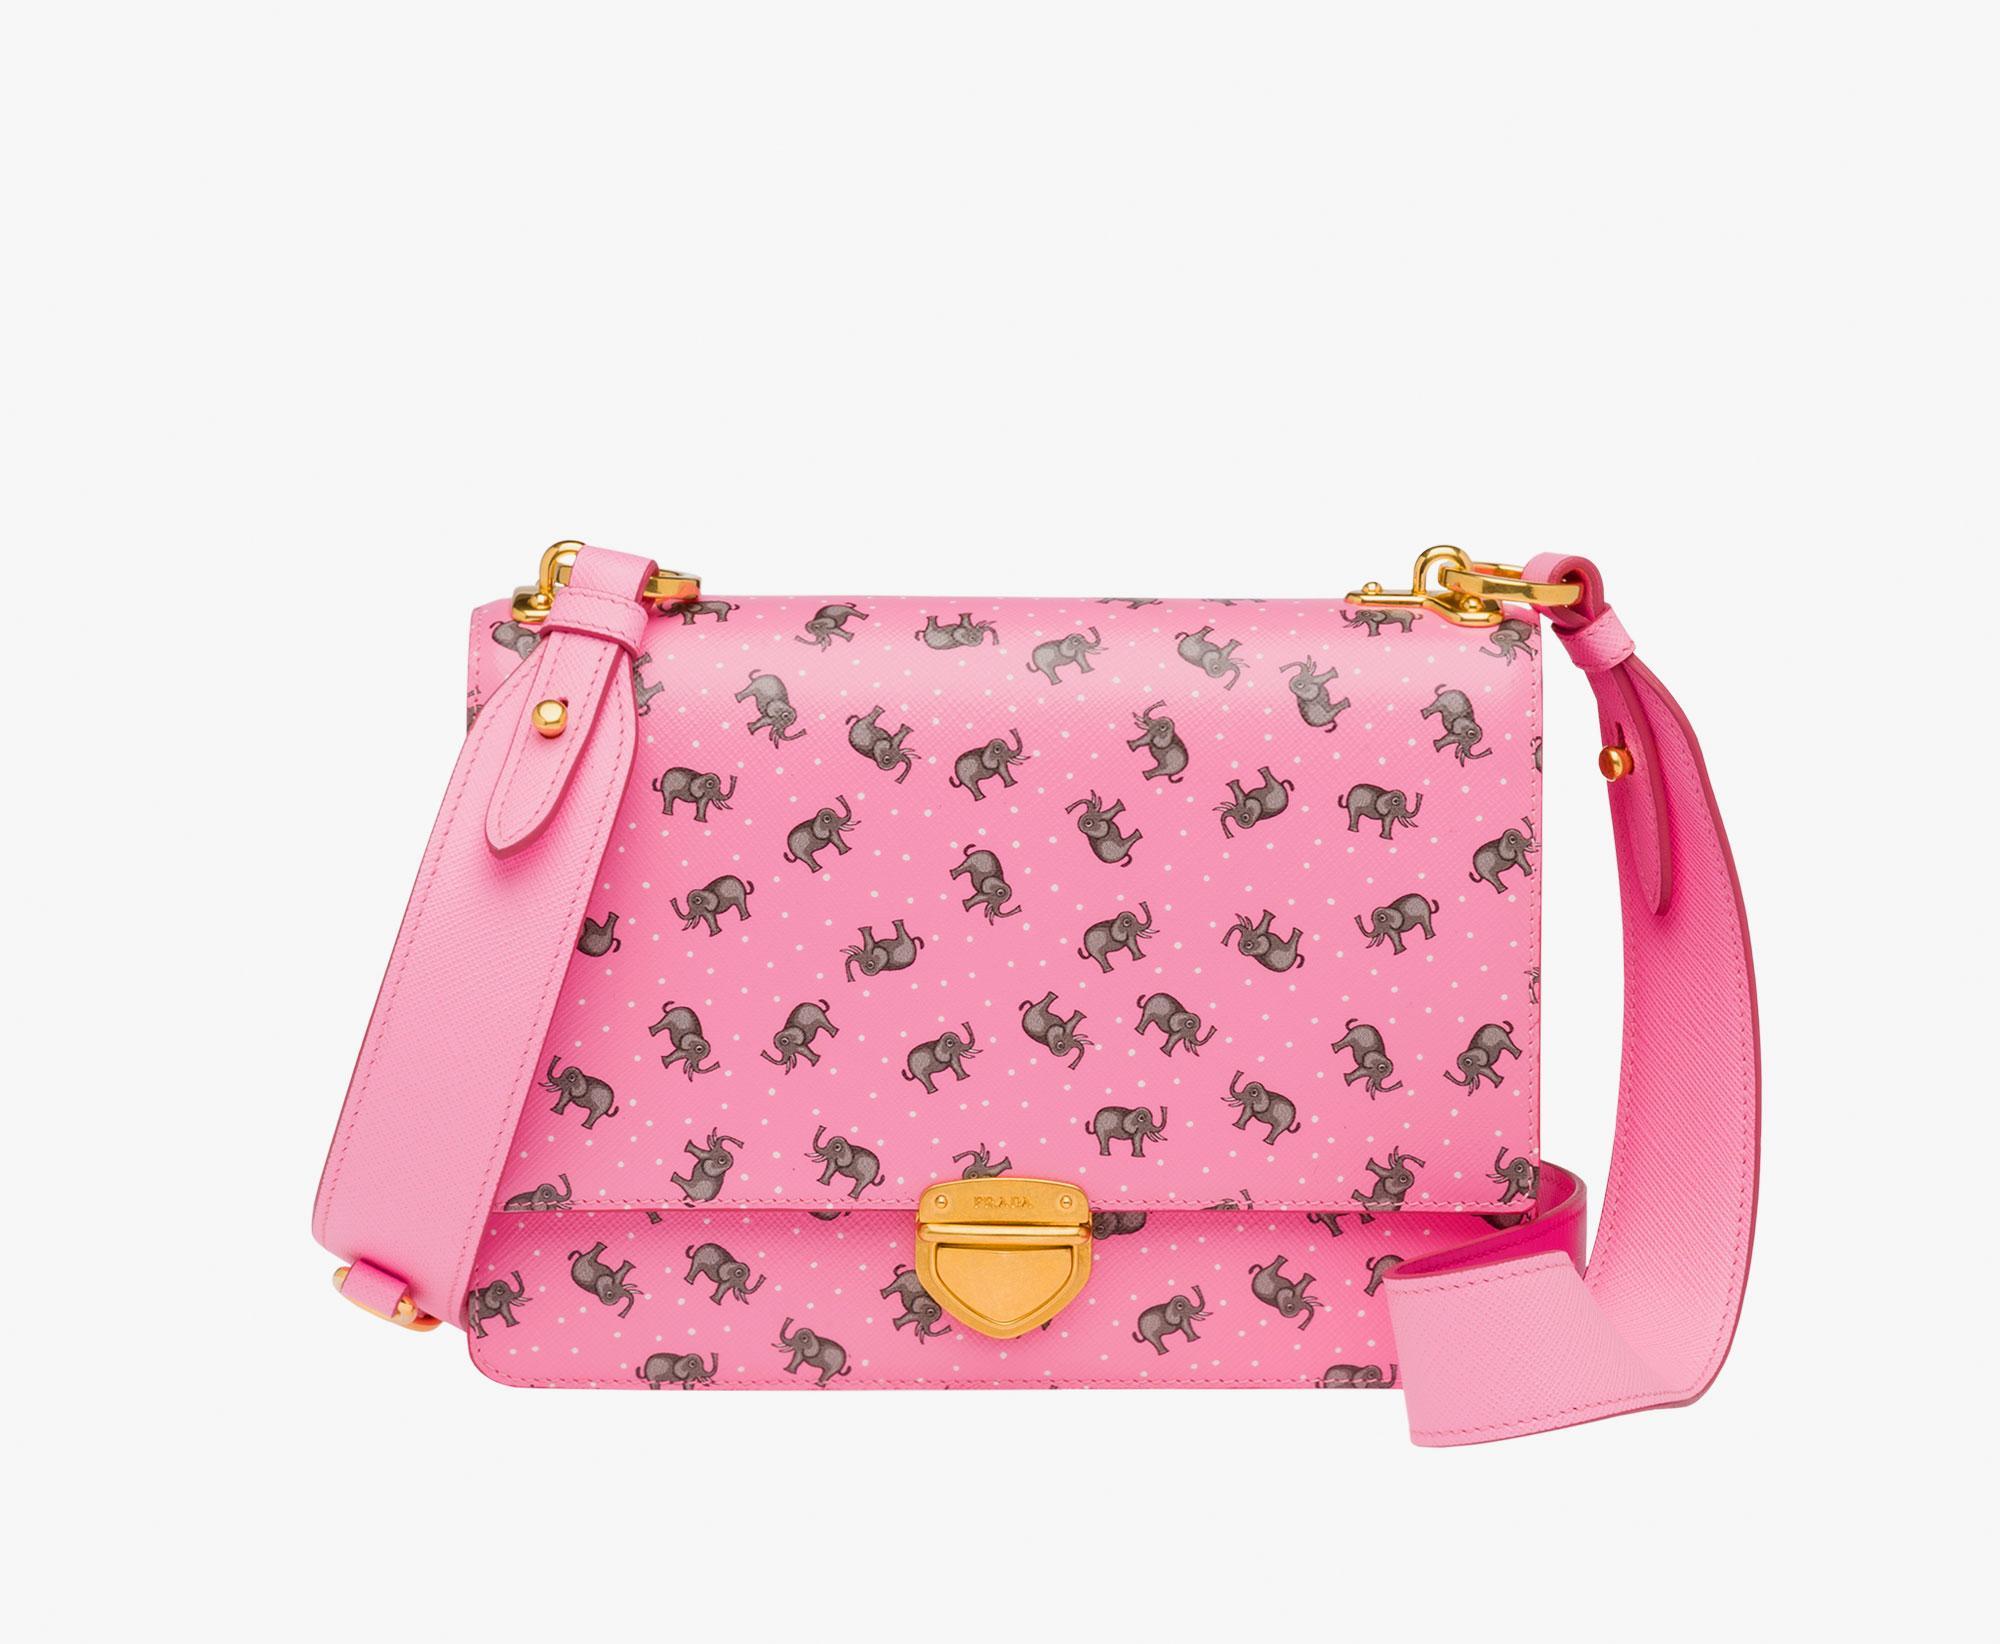 8ae6add621 ... italy lyst prada elephant saffiano leather crossbody bag in pink 9bac1  31131 ...